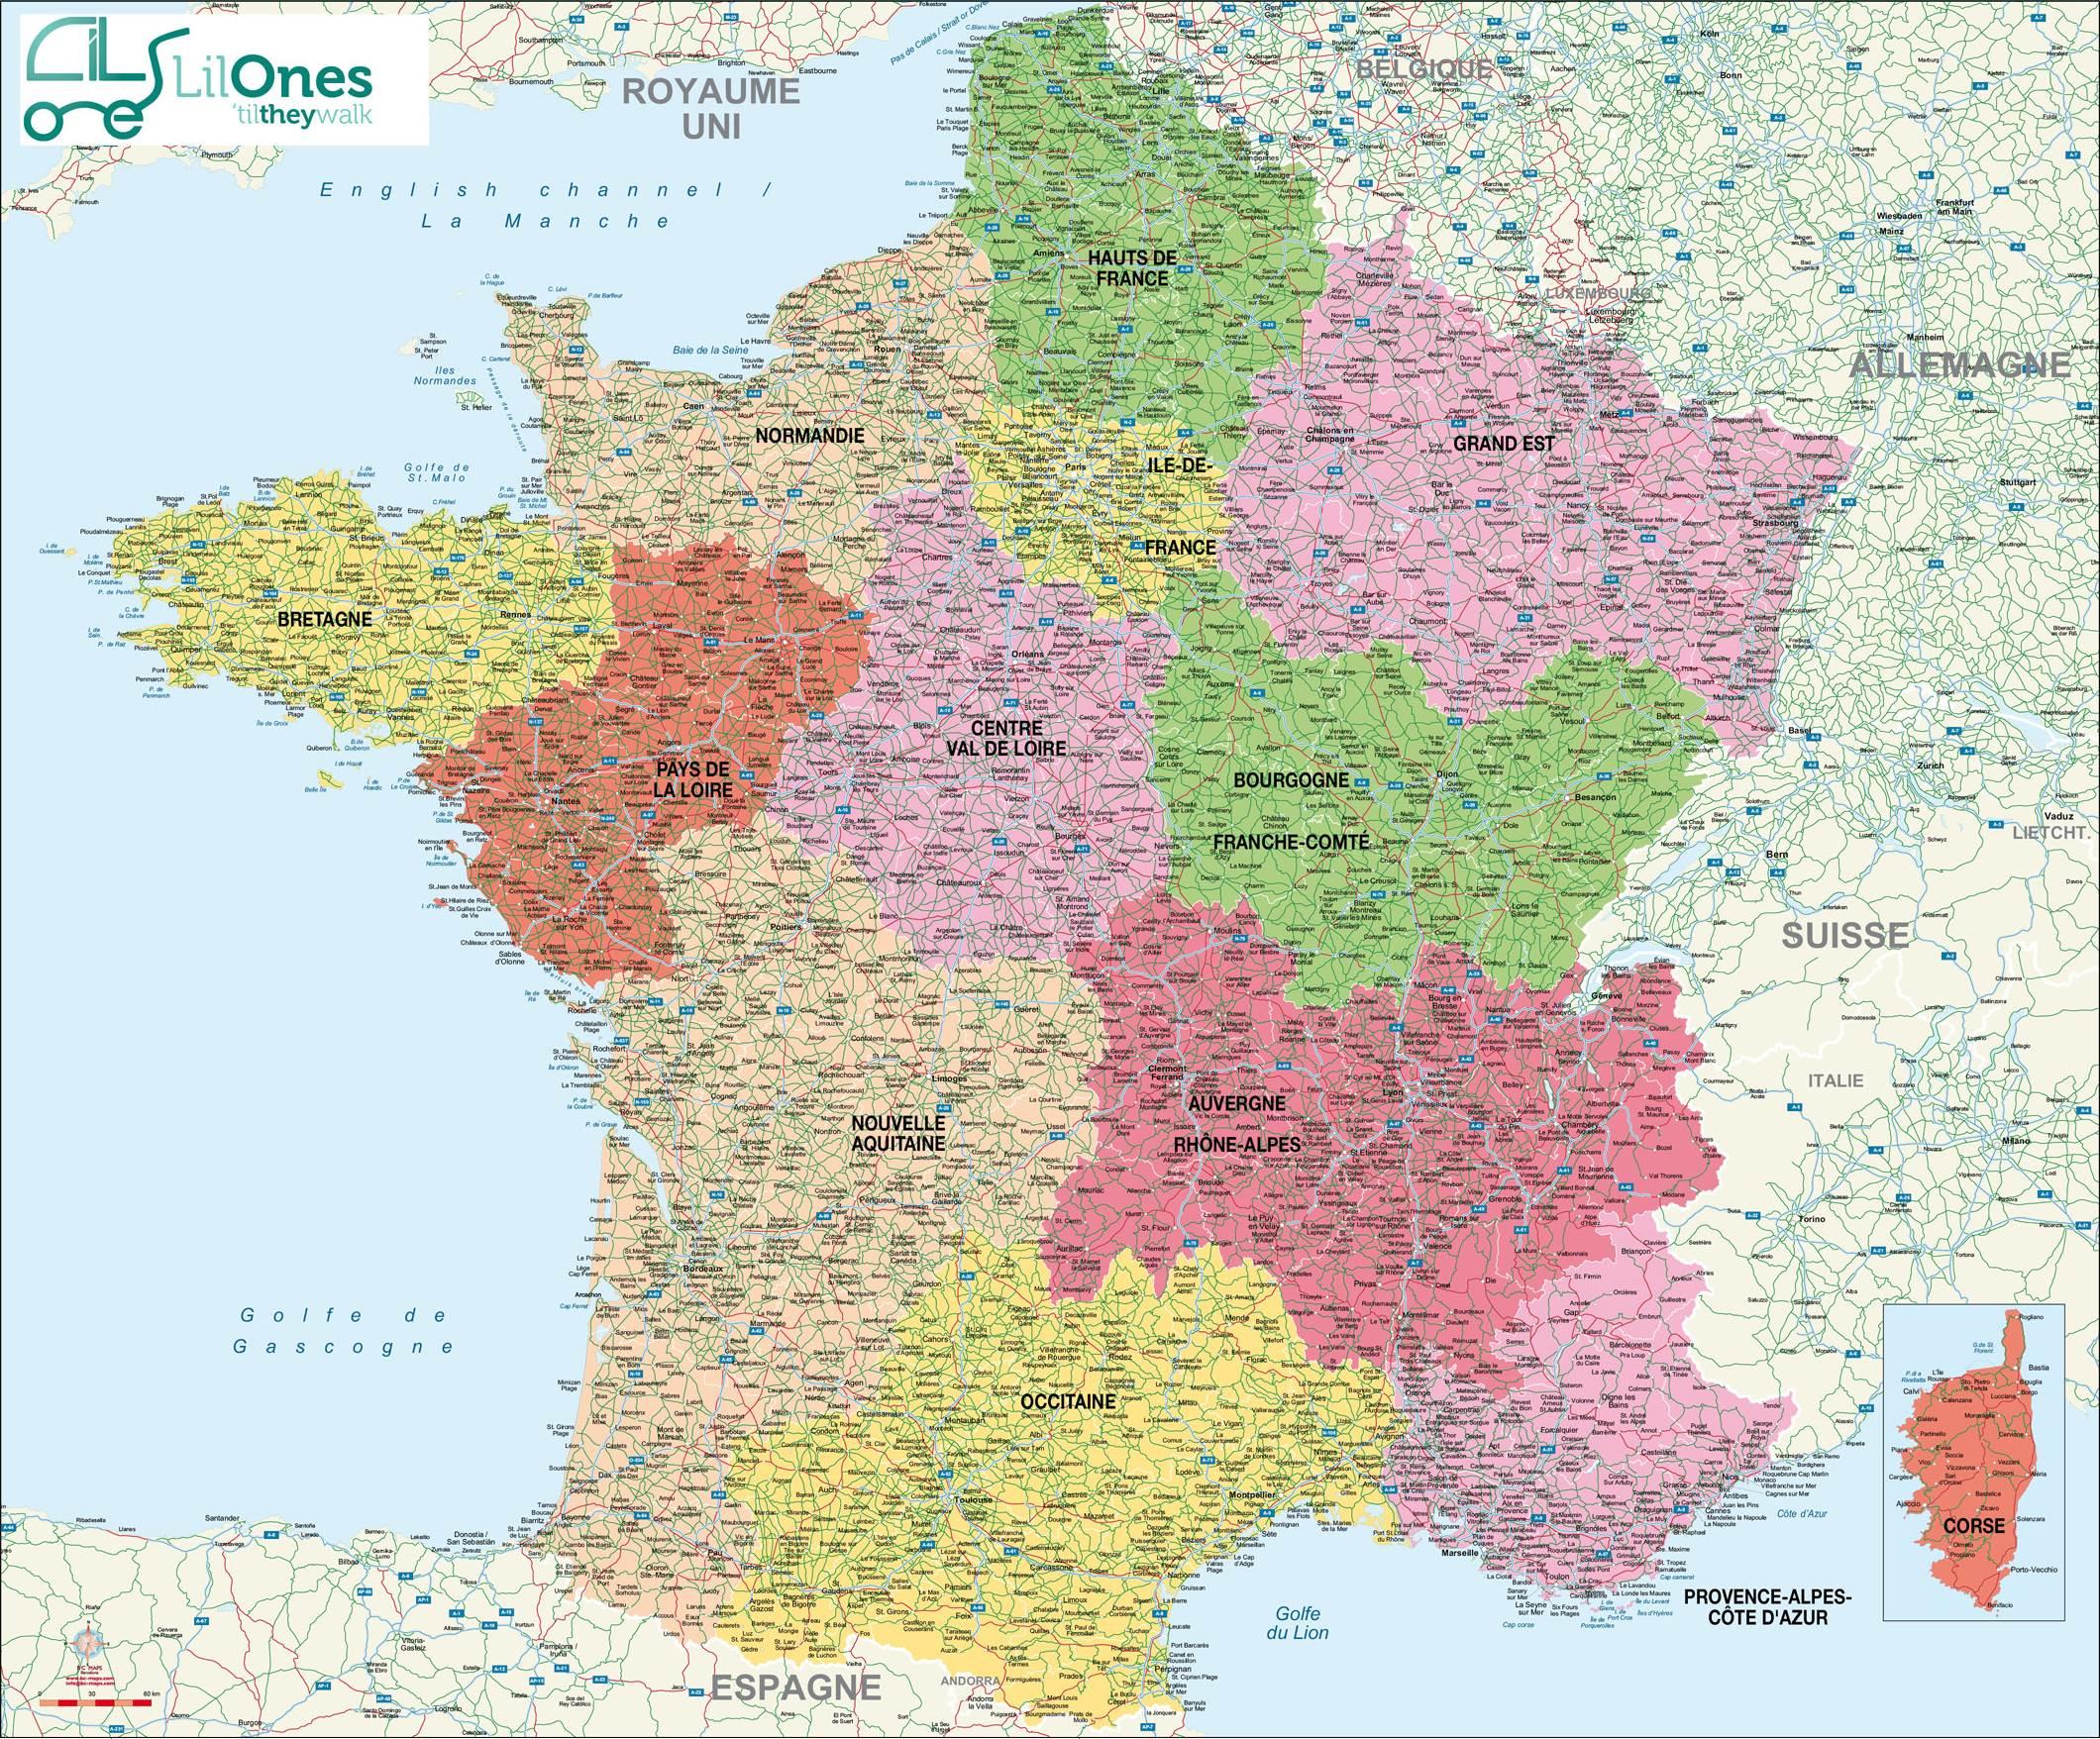 Cartes De France : Cartes Des Régions, Départements Et avec Carte De France Avec Les Régions